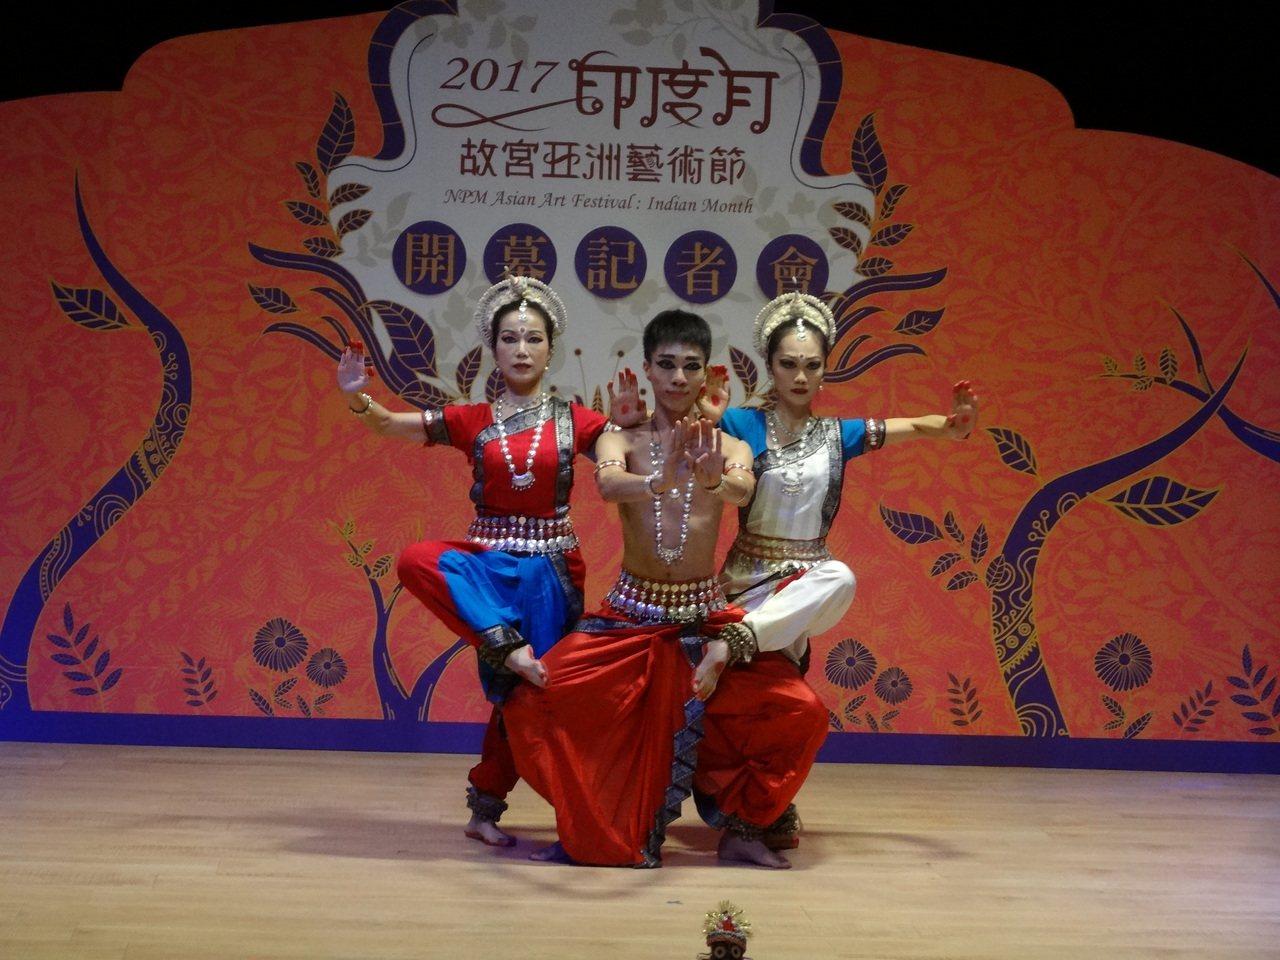 嘉義縣故宮南院亞洲藝術節-印度月,昨天熱鬧登場,3名穿印度服飾男女舞者表演暖場。...